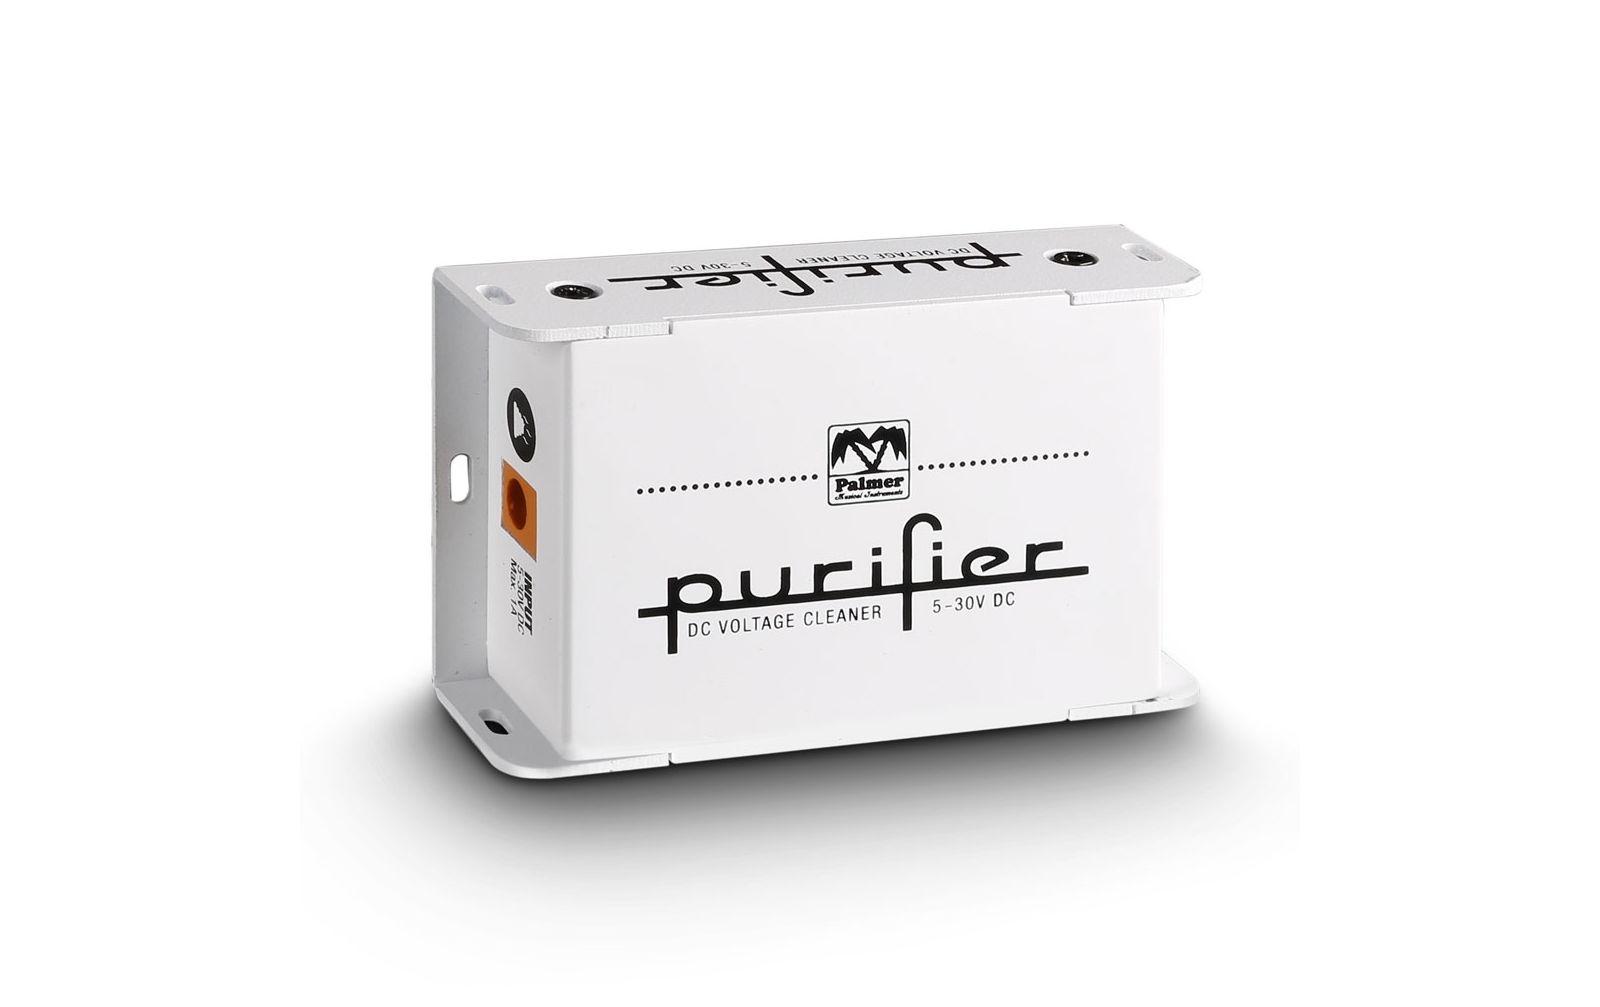 palmer-purifier-power-conditioner